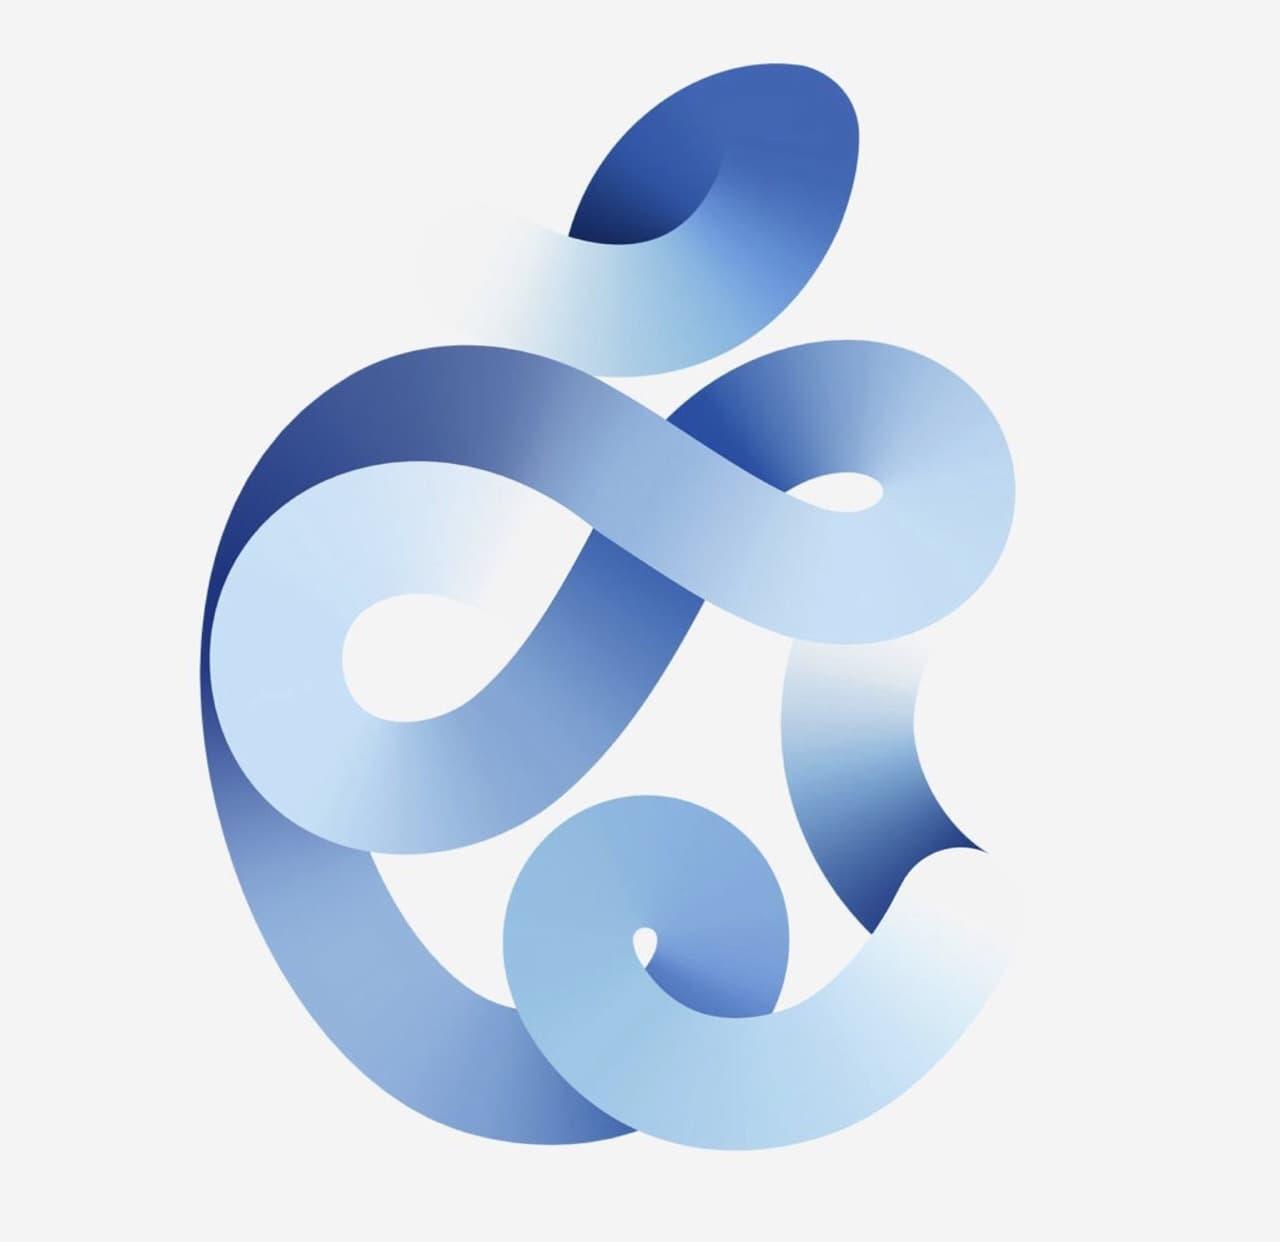 Se dagens Apple-event på 15 minuter